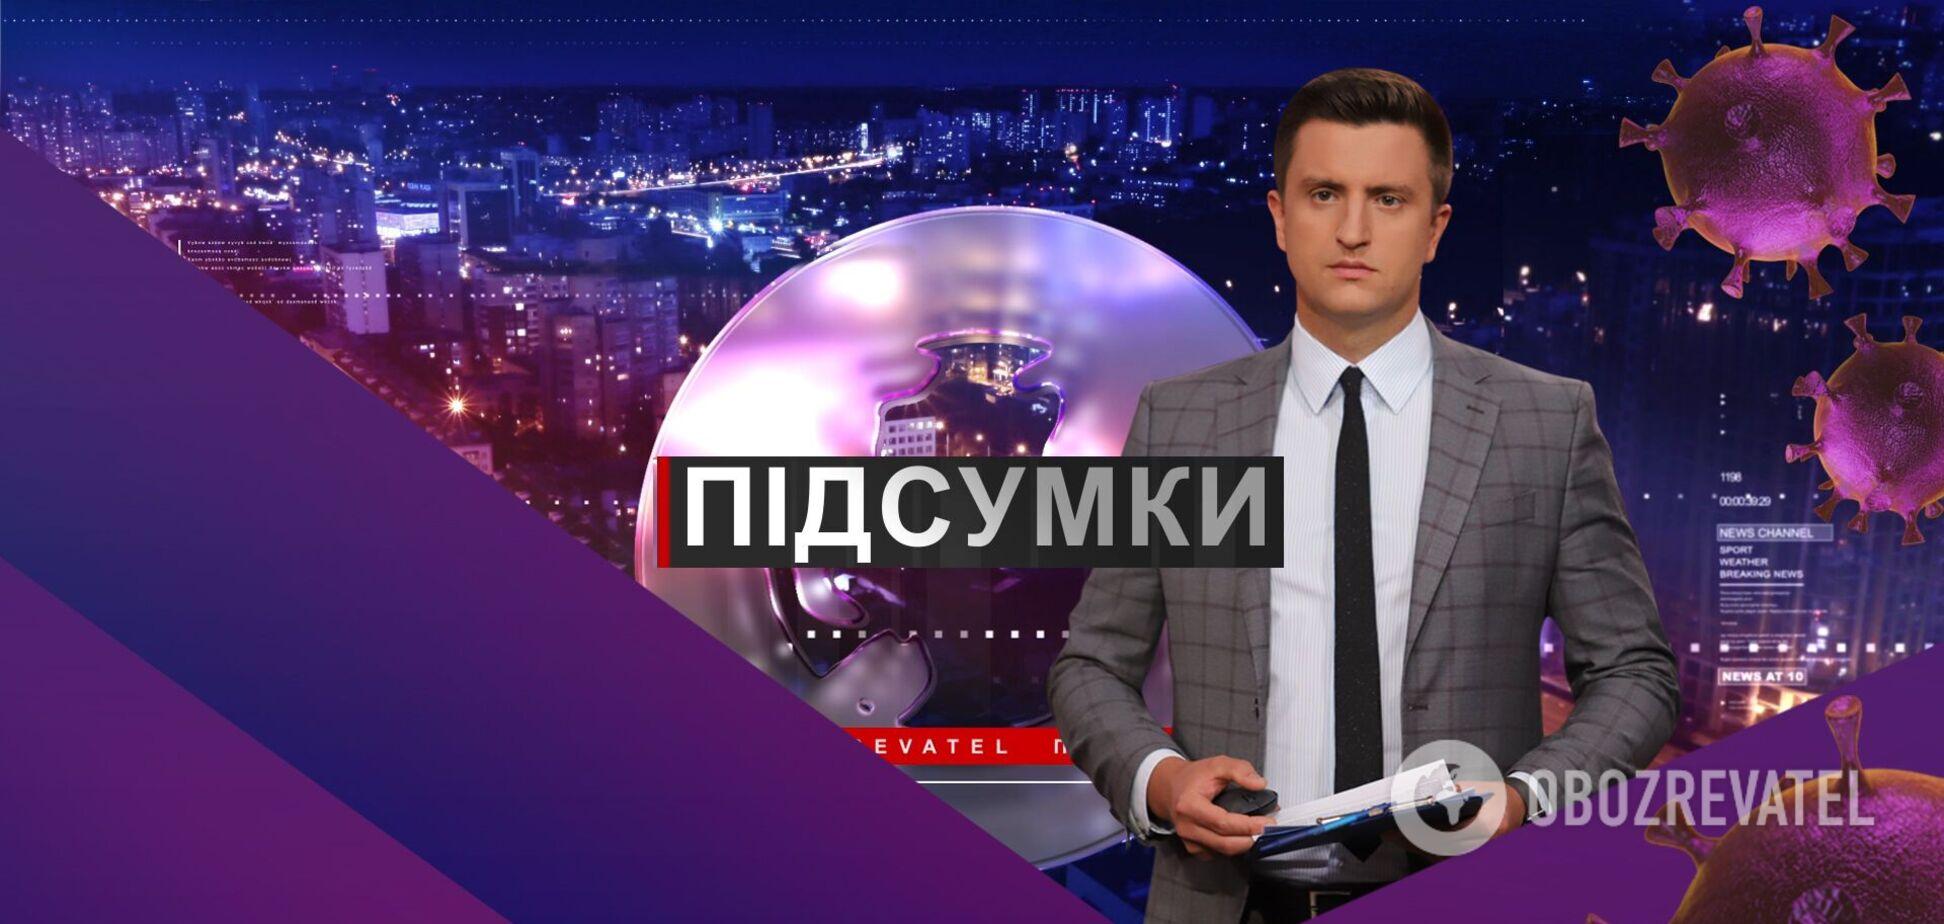 Підсумки дня з Вадимом Колодійчуком. Середа, 23 грудня